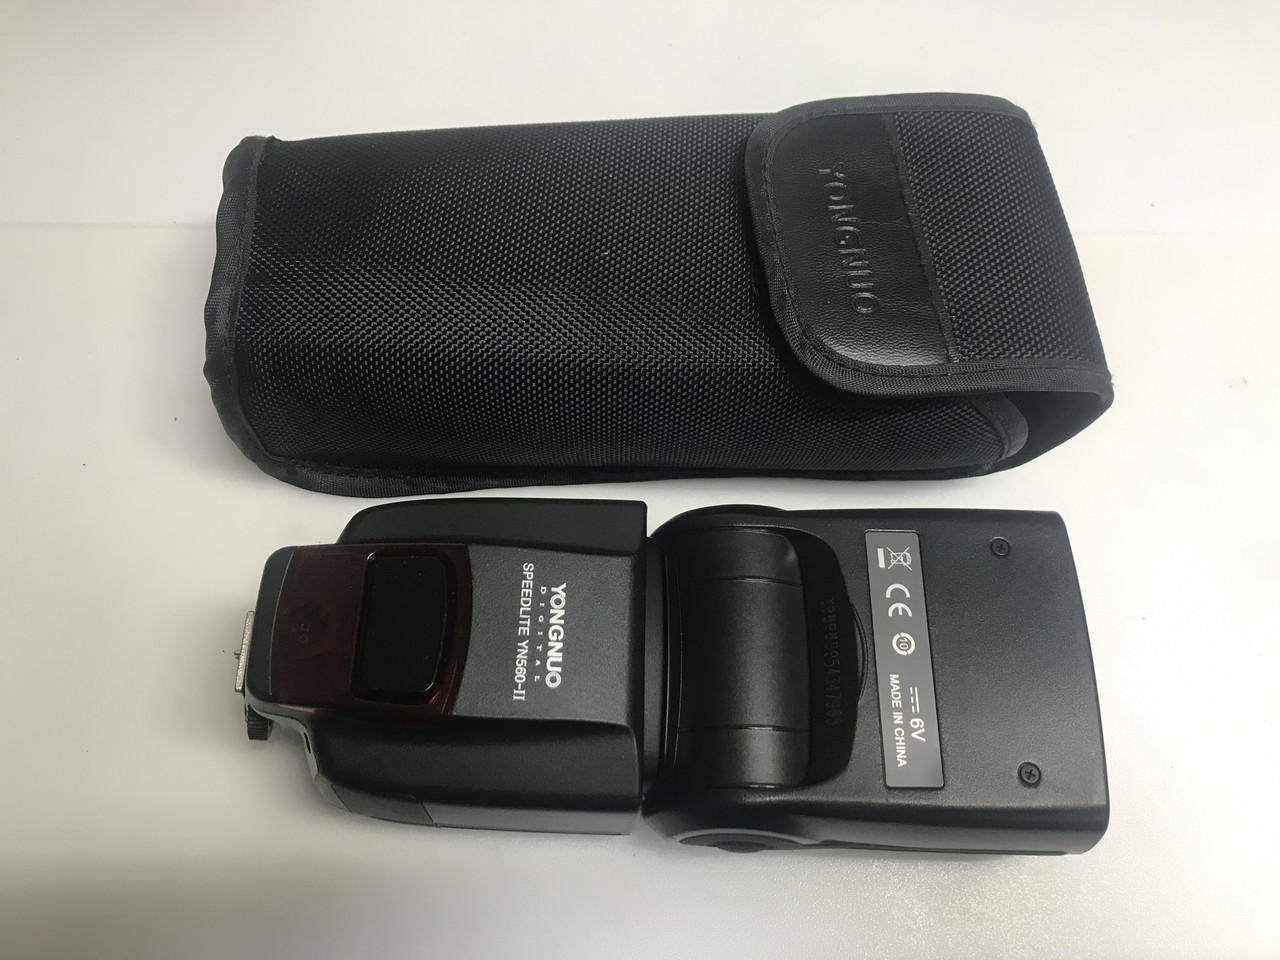 Спалах Yongnuo YN560-II Speedlite for Canon Nikon